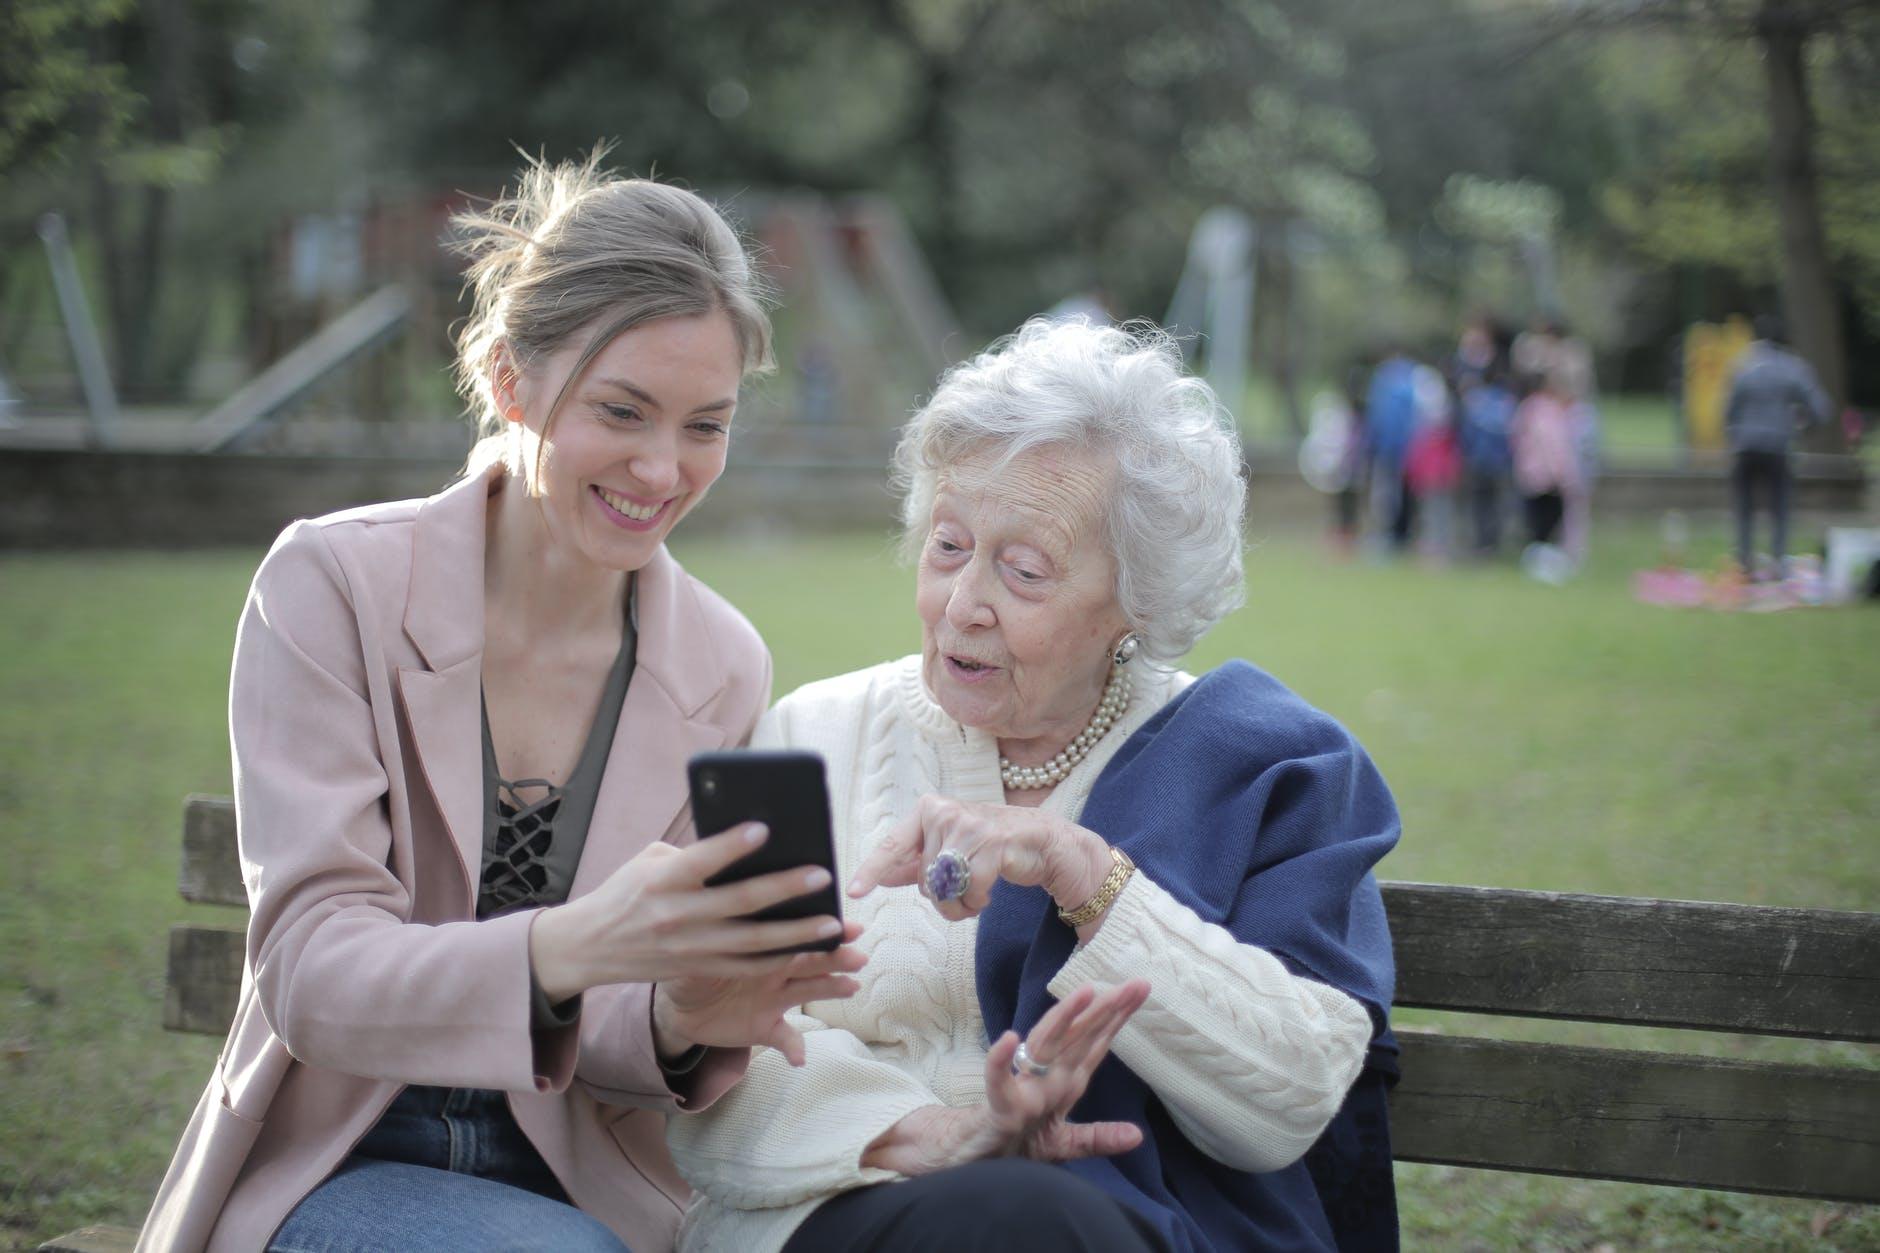 Trik Menjalin Hubungan Baik dengan Orangtua